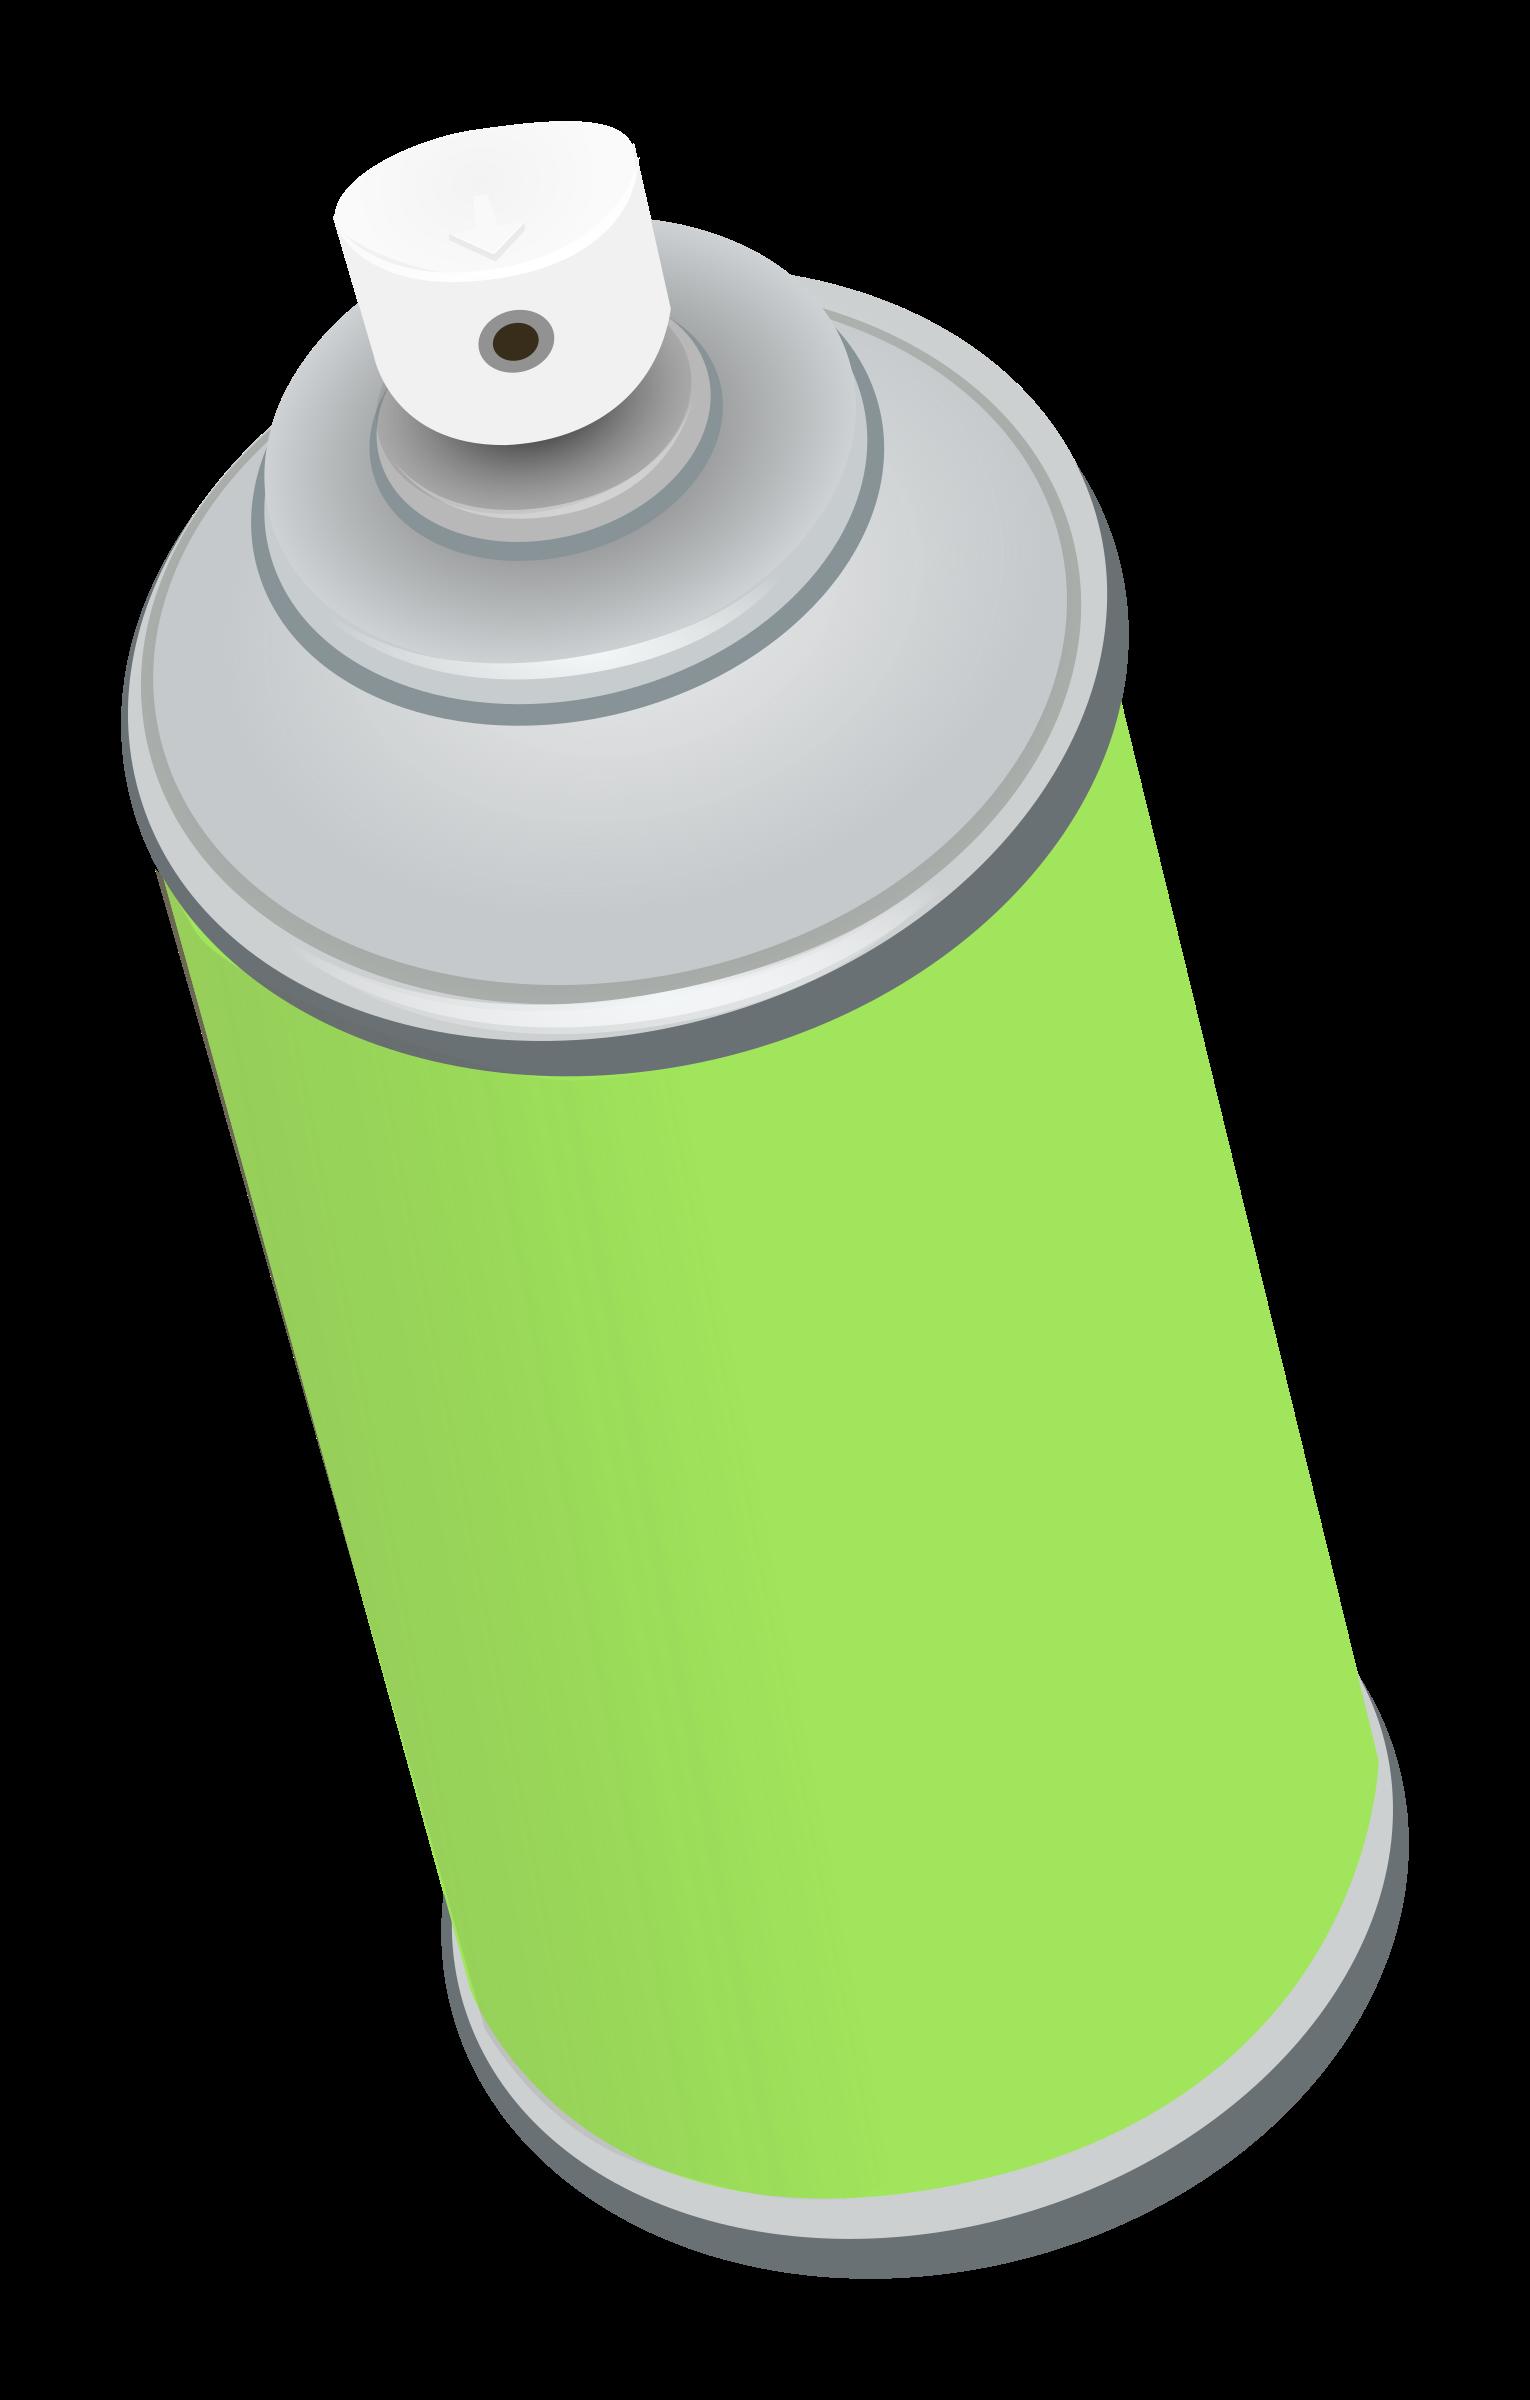 Paint clipart paint bottle. Spray can transparent png